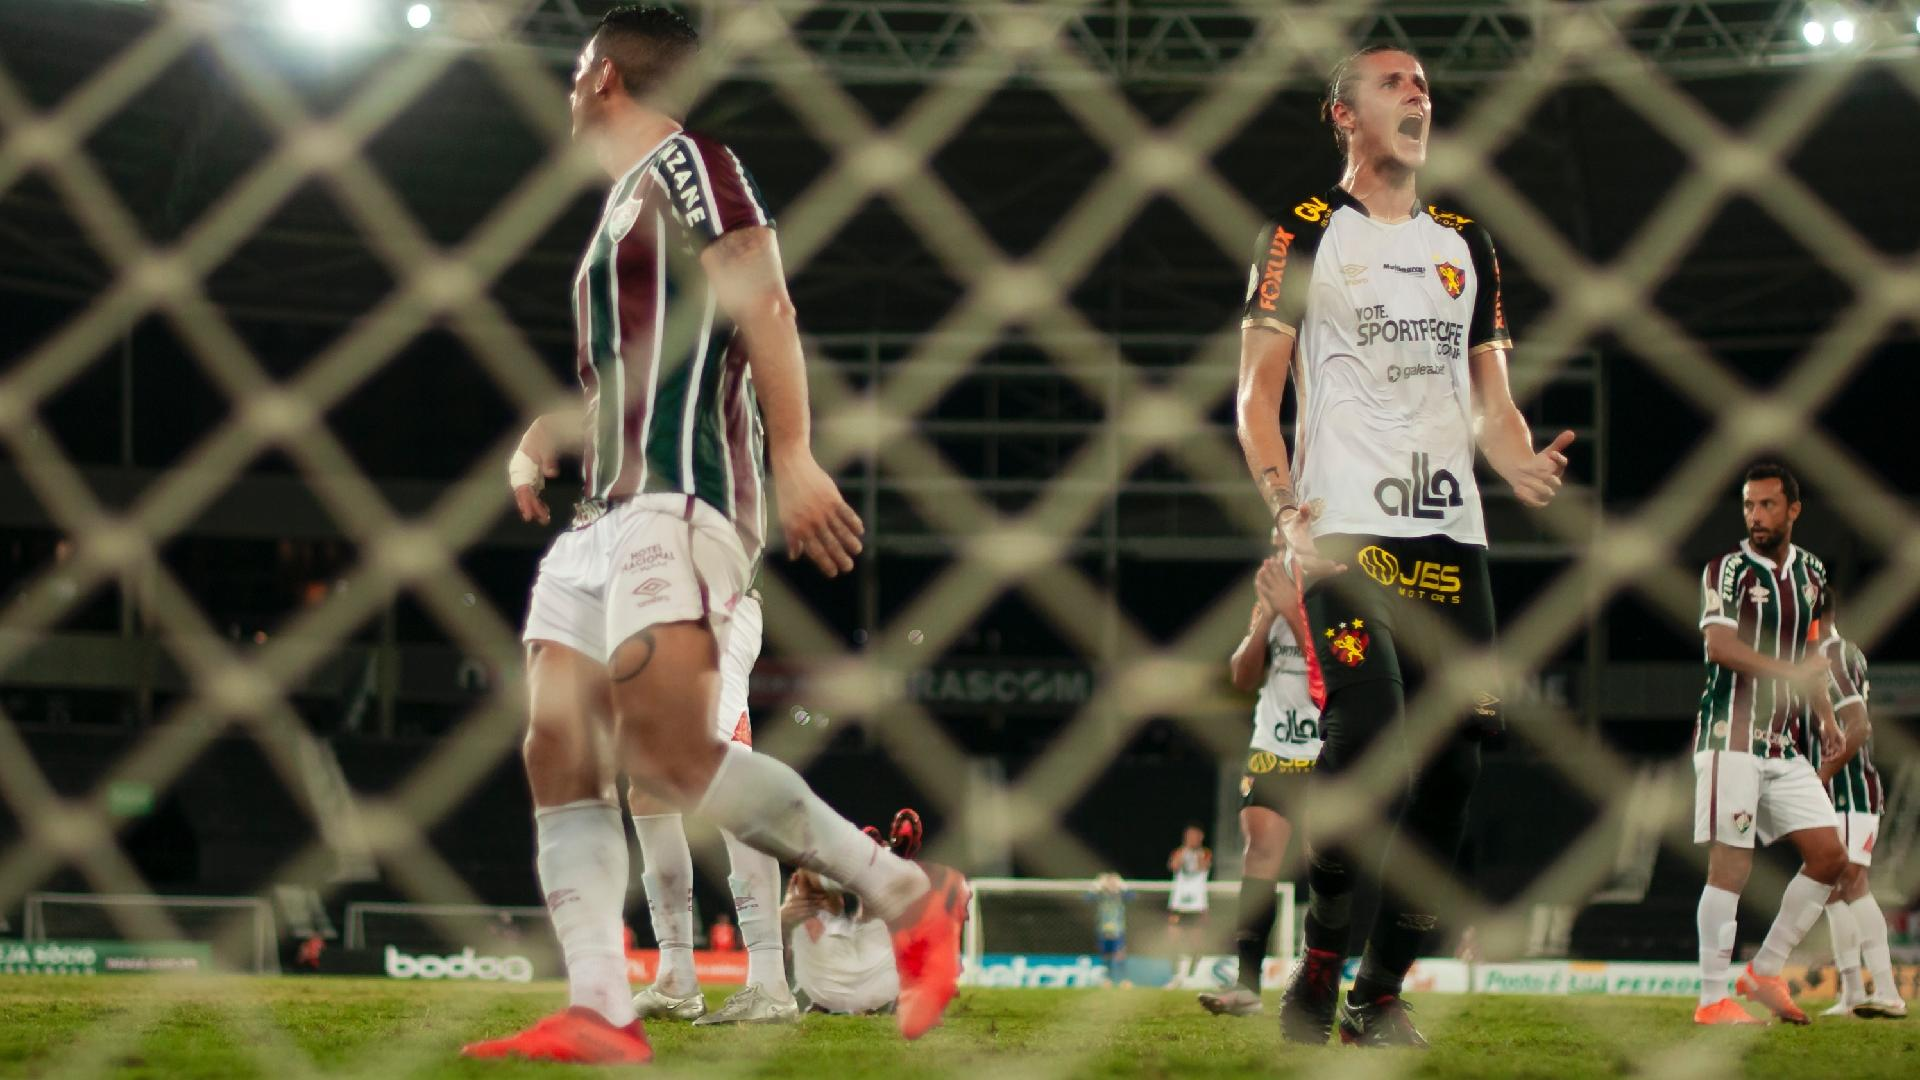 Iago Maidana, zagueiro do Sport, jogando de calça térmica contra o Fluminense